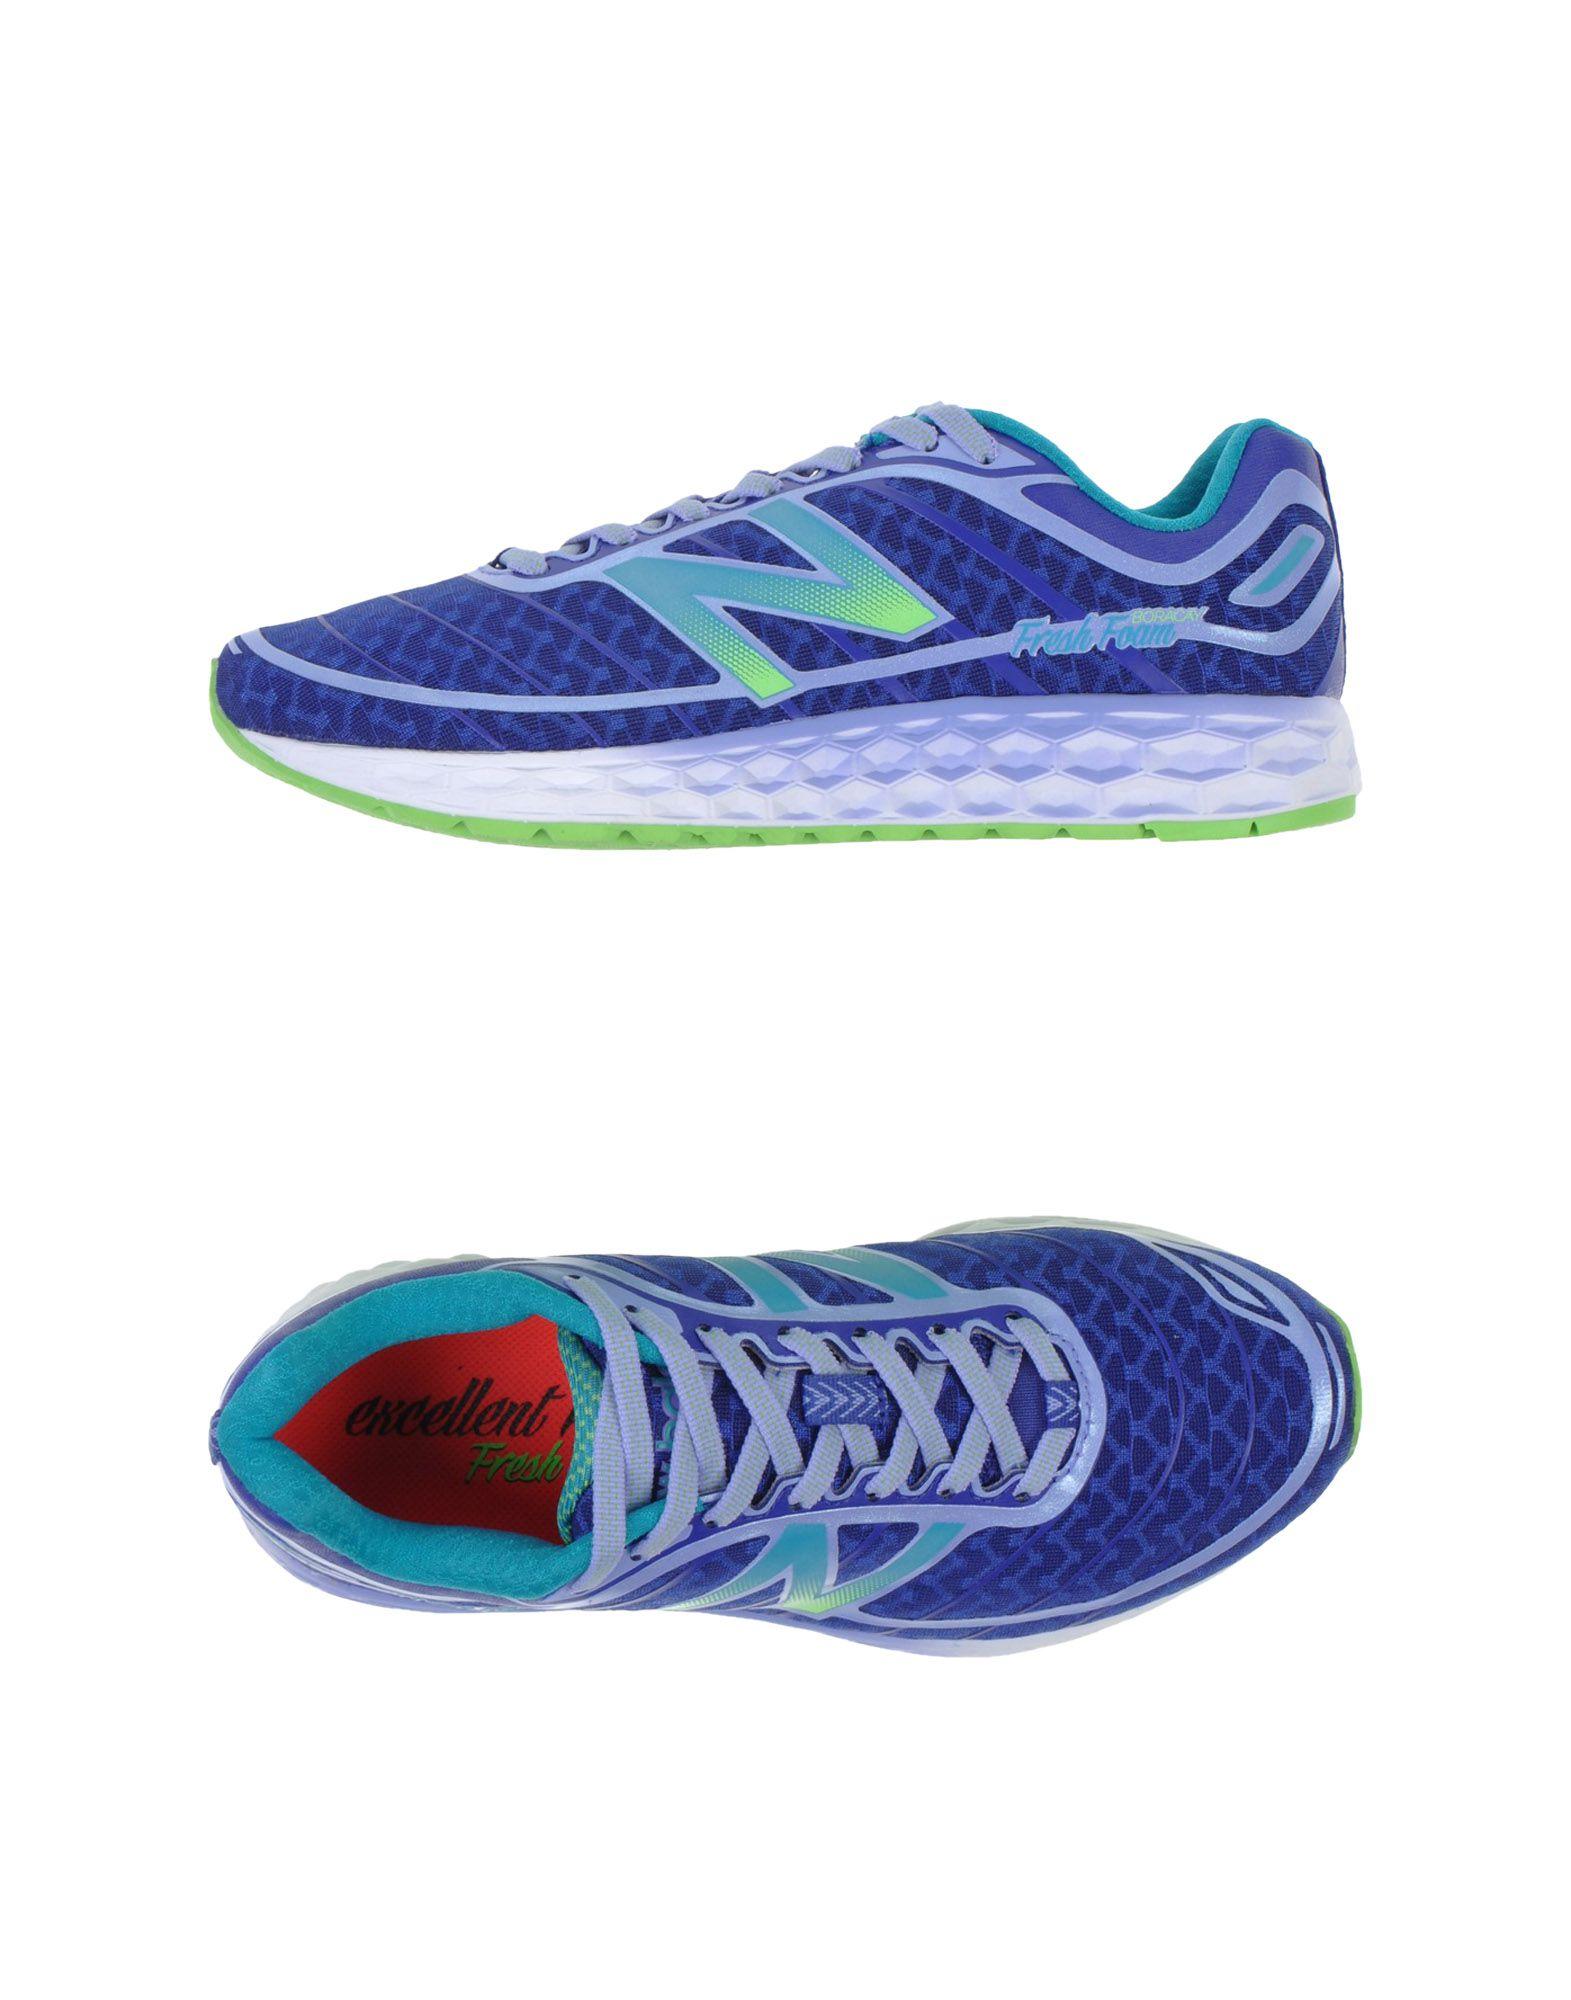 мужские кроссовки New Balance купить в москве